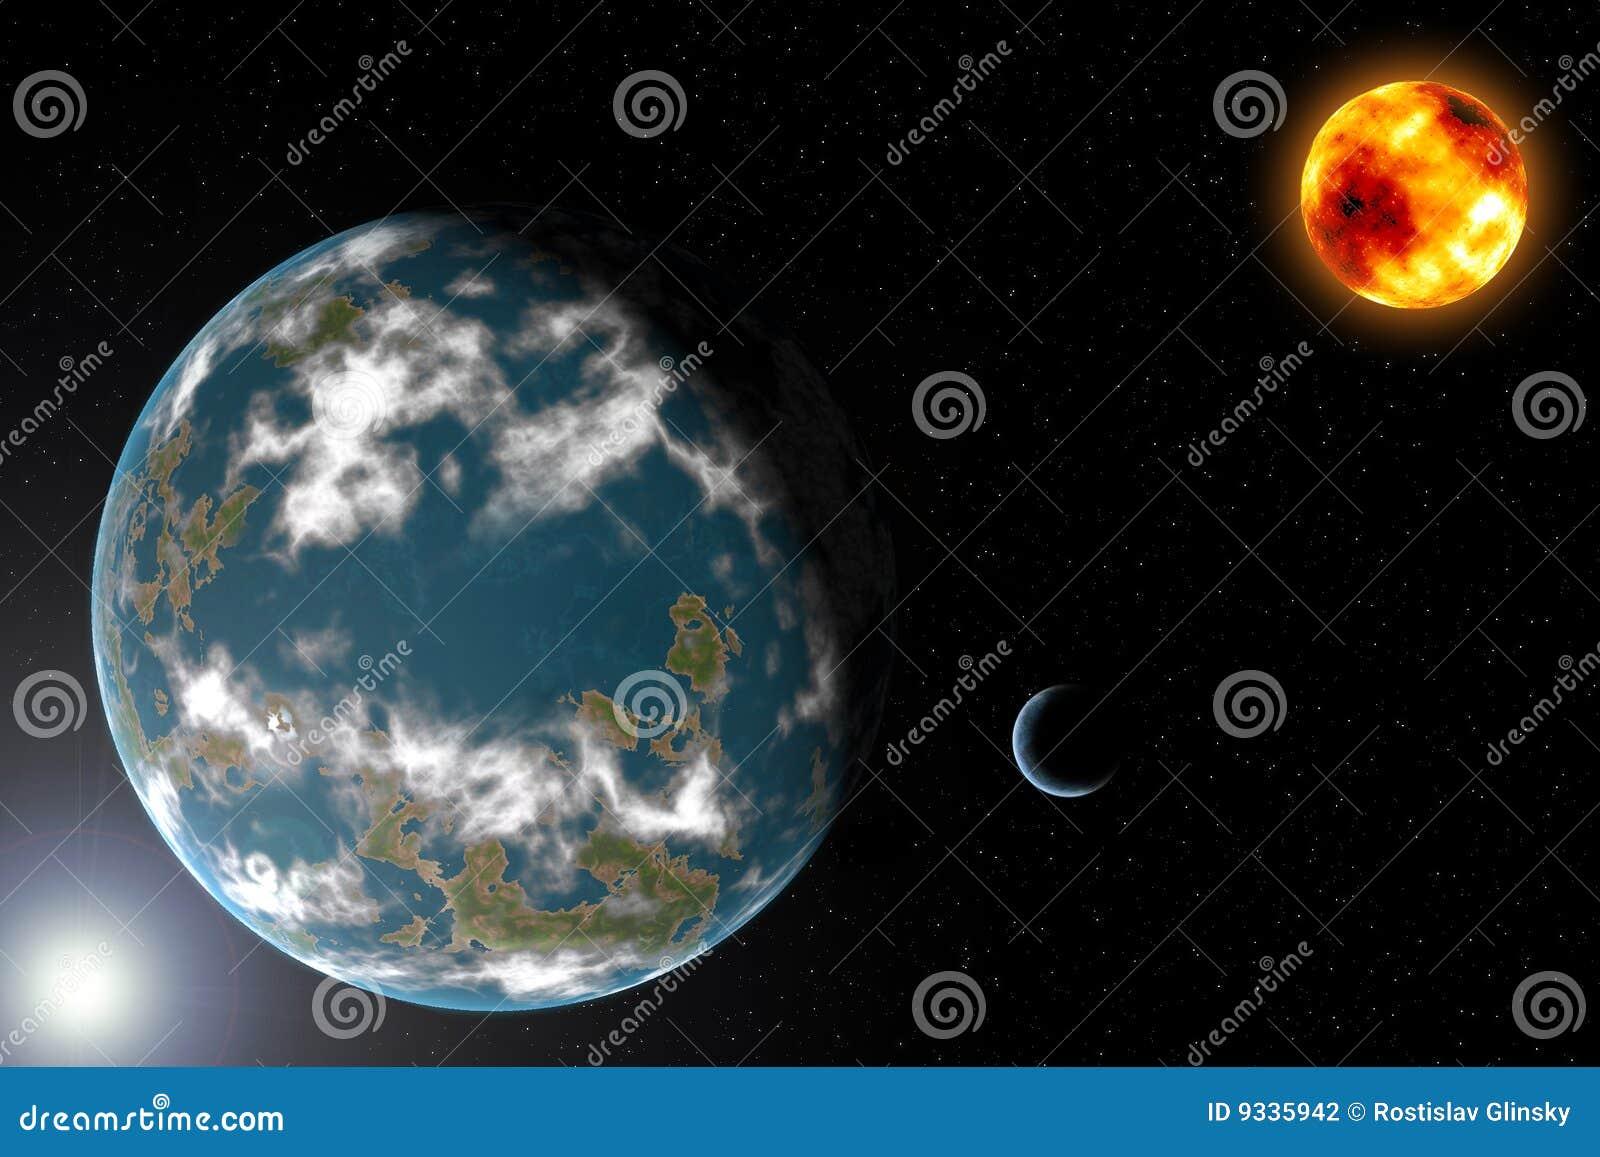 αλλοδαπό ηλιακό σύστημα